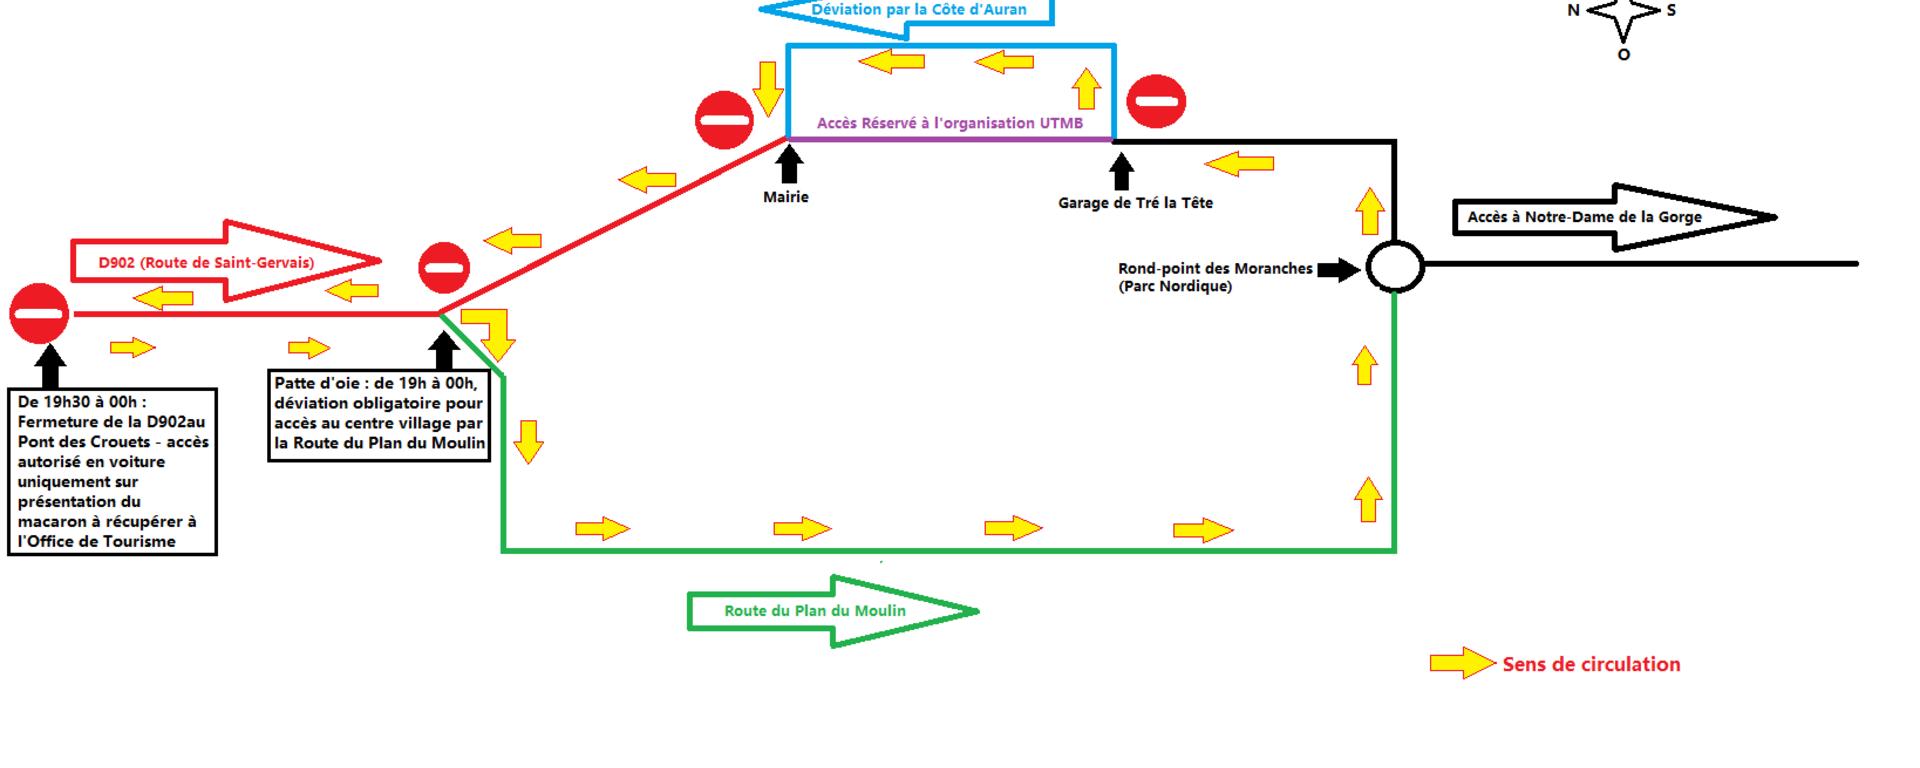 Schéma de circulation - vendredi 30 août - UTMB Les Contamines-Montjoie